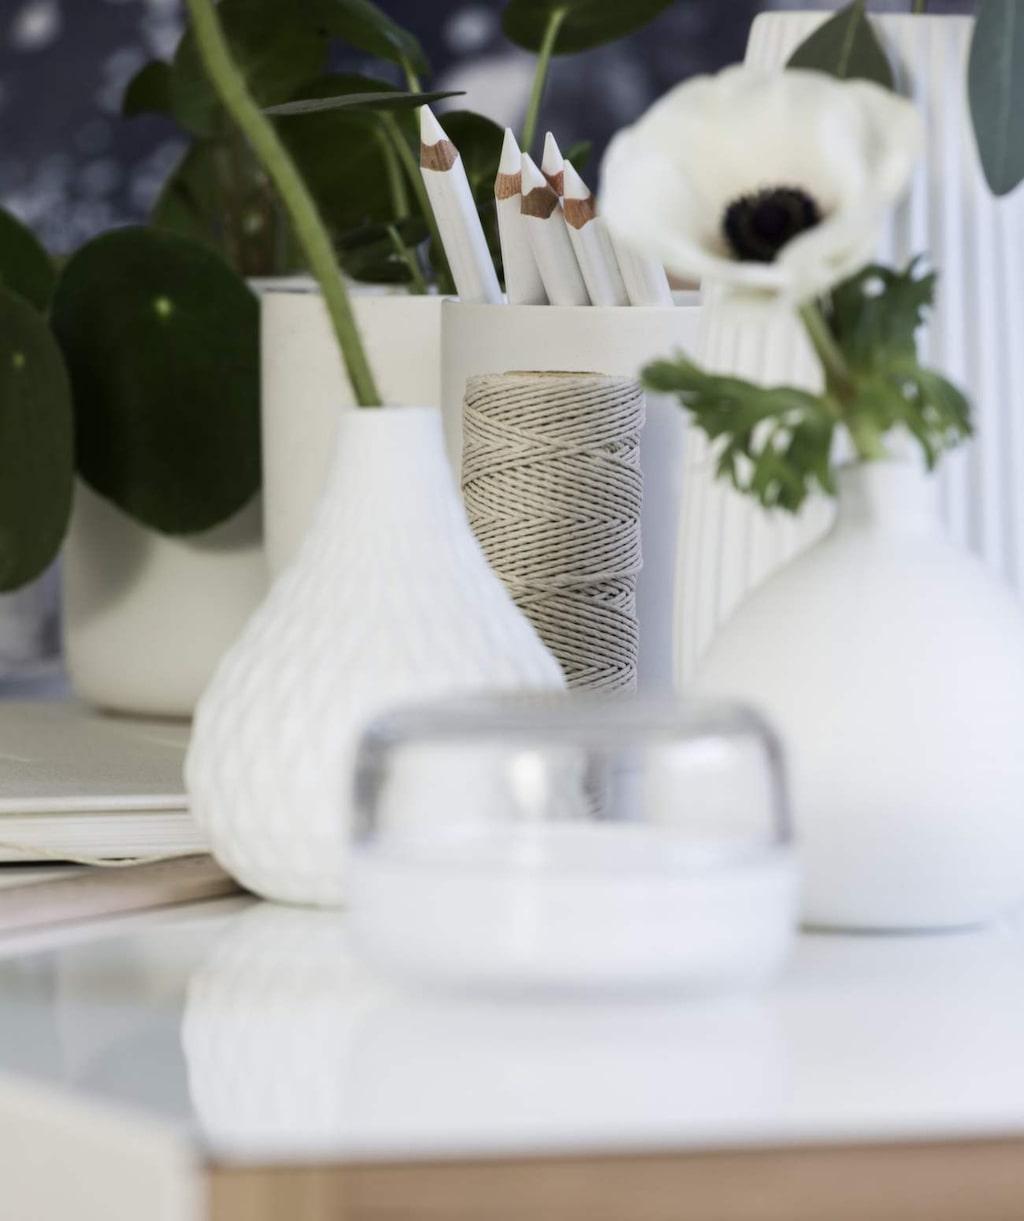 Tidlöst i vitt. Glassak, 150 kronor, liten vit vas med prickar, 125 kronor, liten vit vas Romb, 125 kronor, högre vas, 195 kronor, allt från Designtorget. Växt från Floristkompaniet.